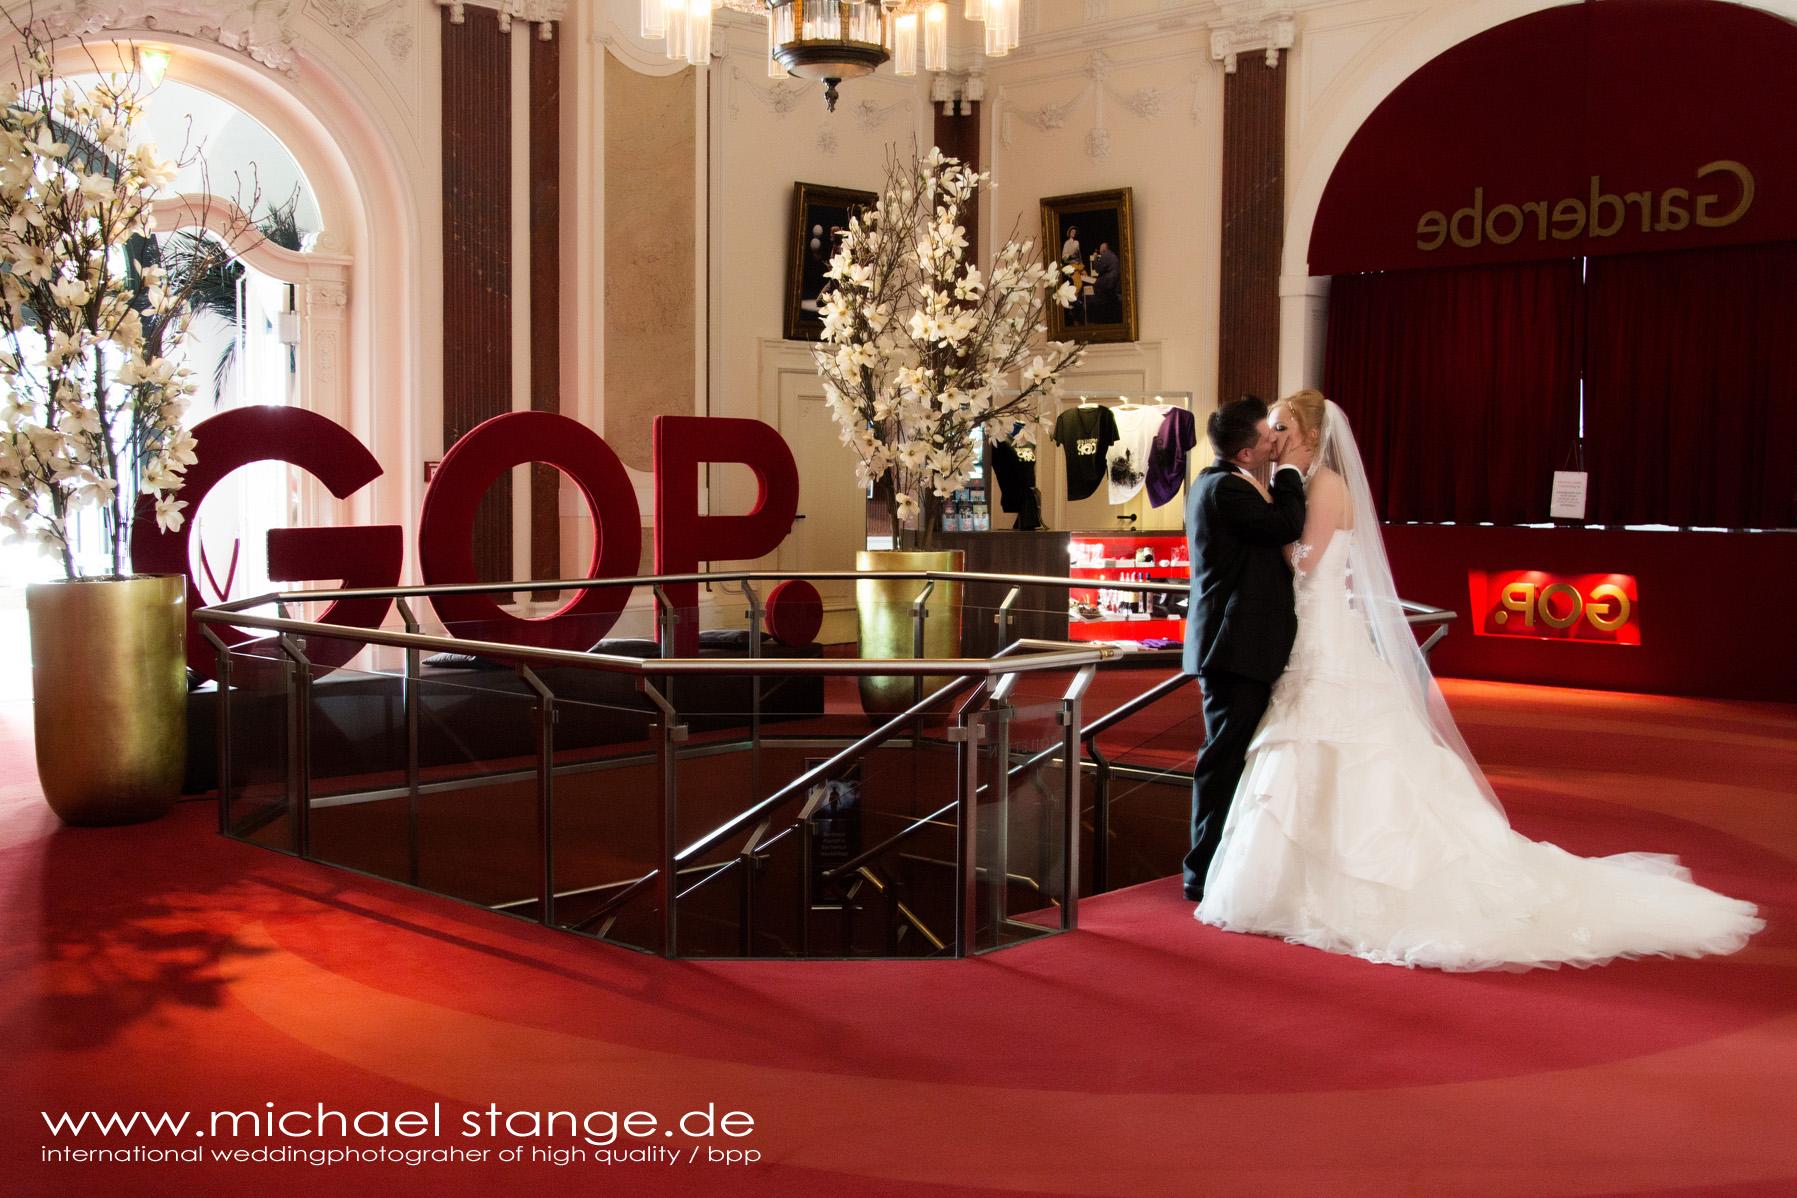 339 Hochzeitsfotograf Michael Stange Baltrum Osnabrueck